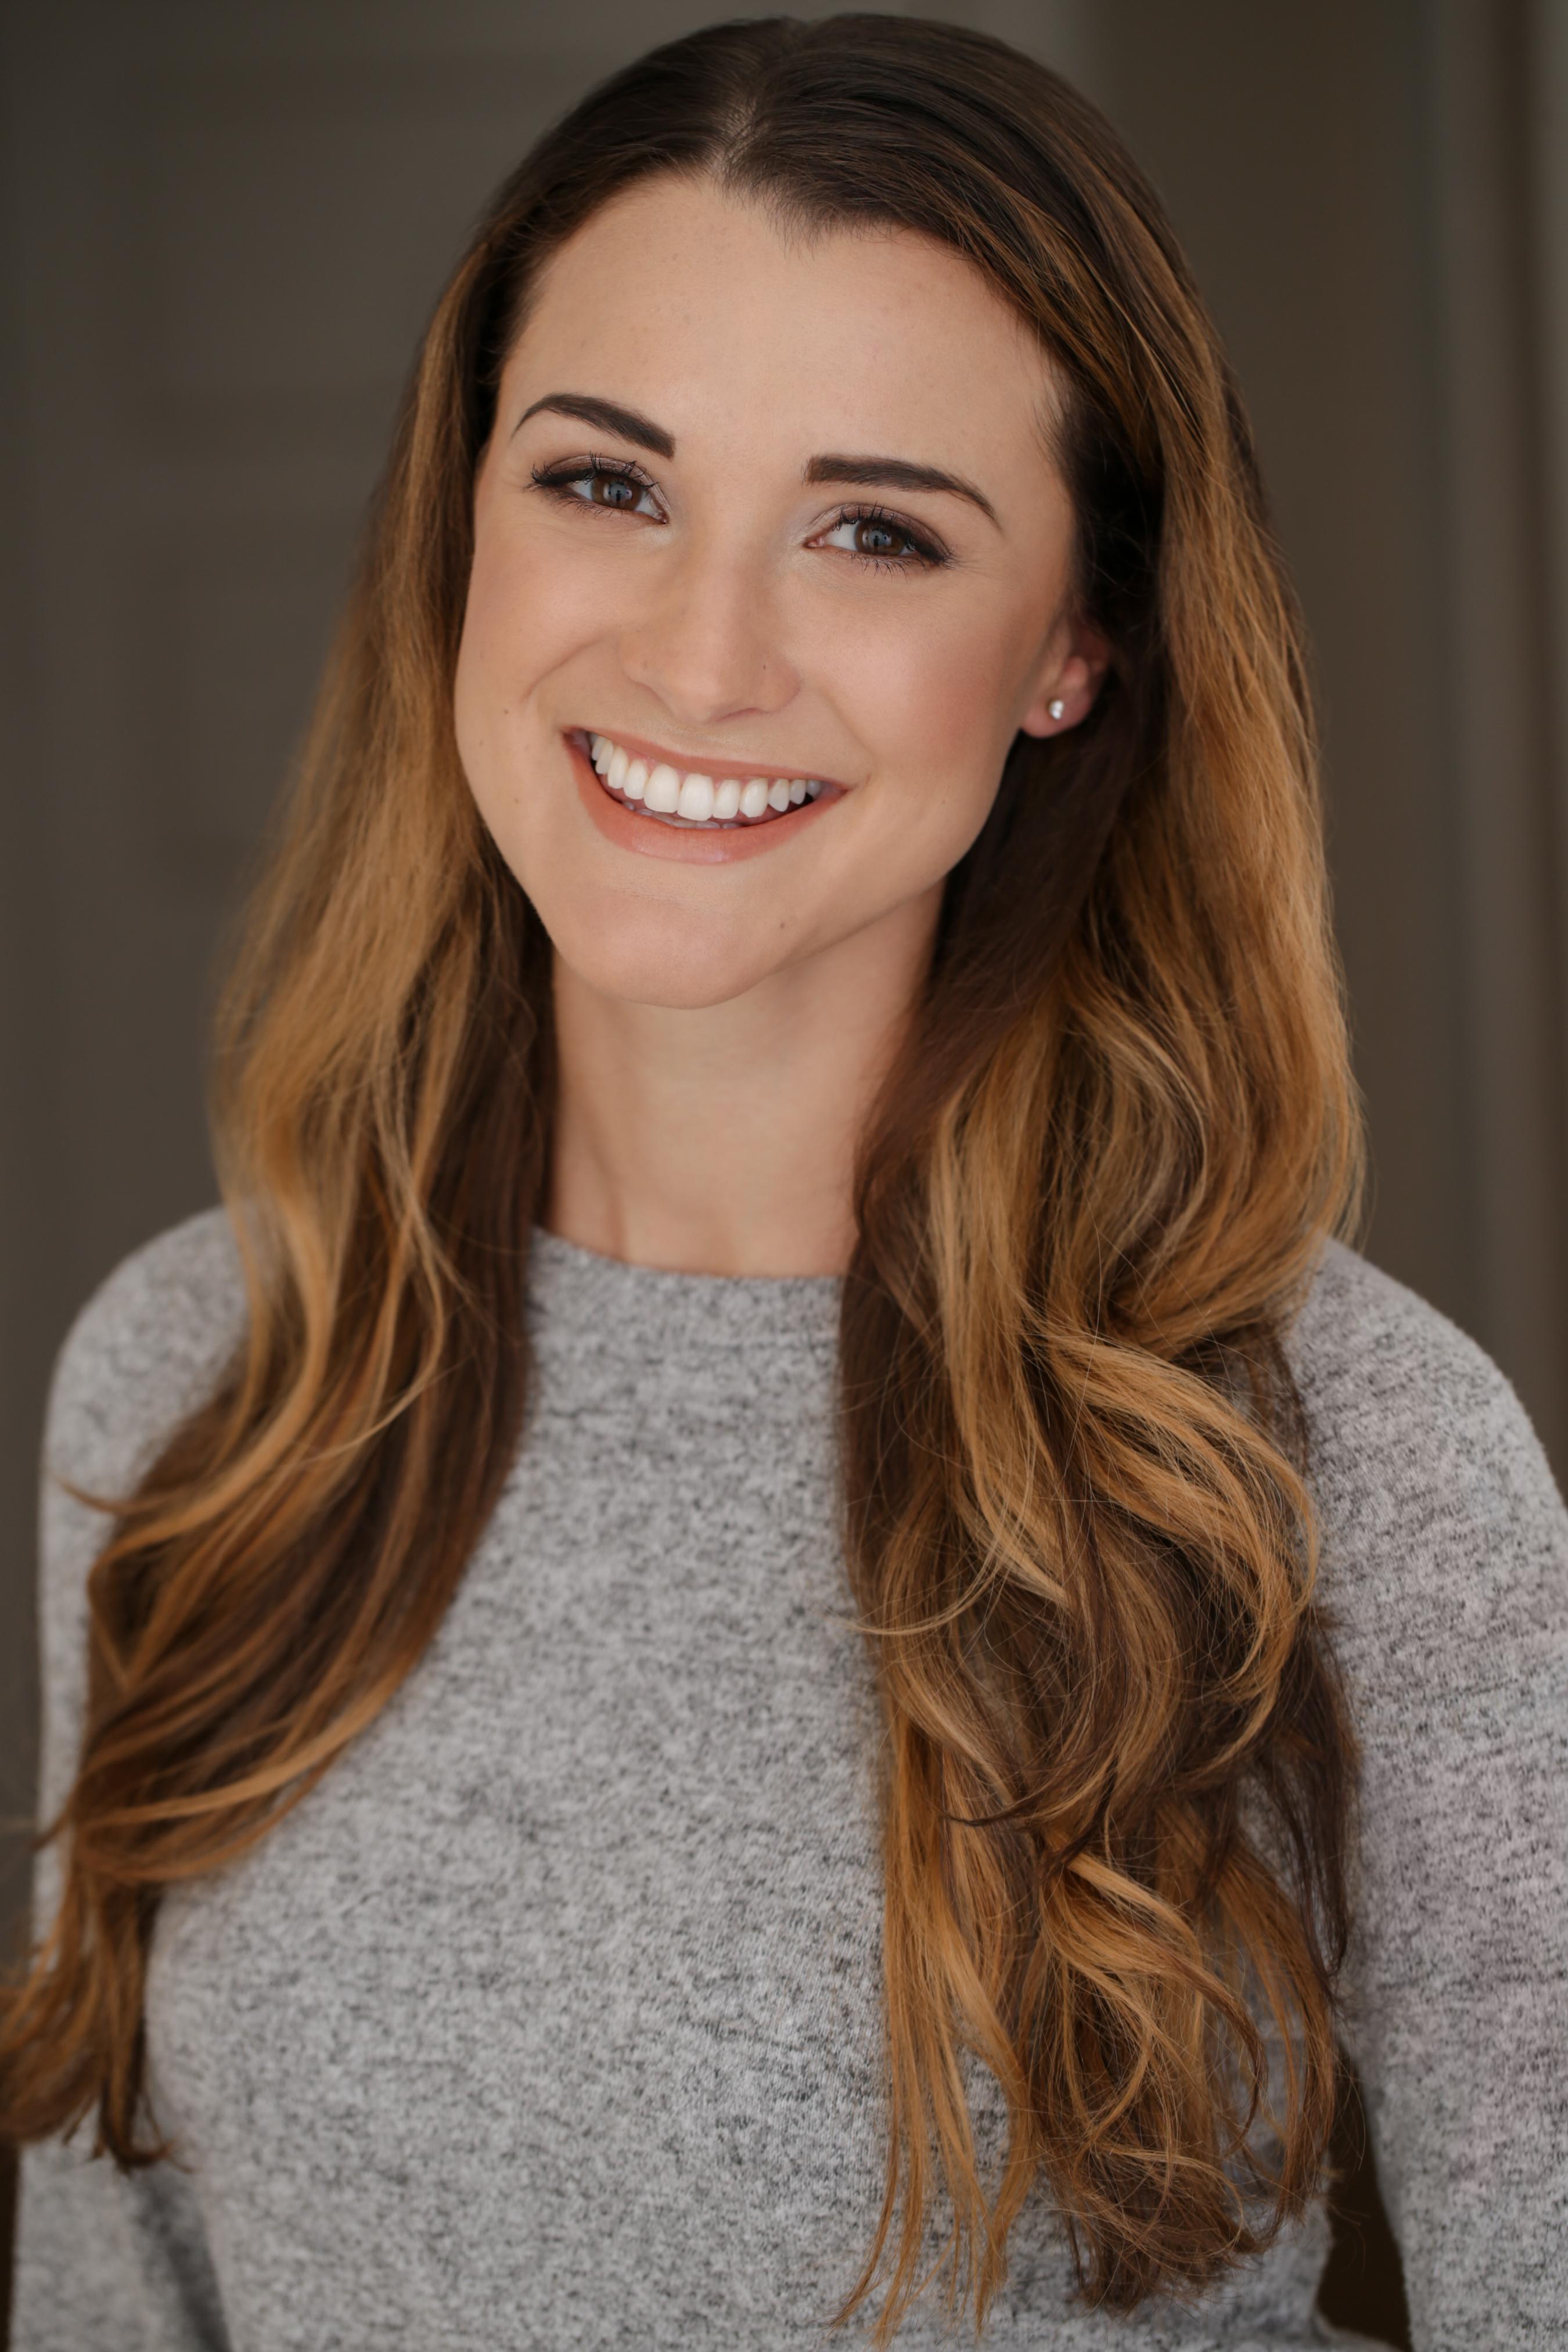 Stephanie Bates